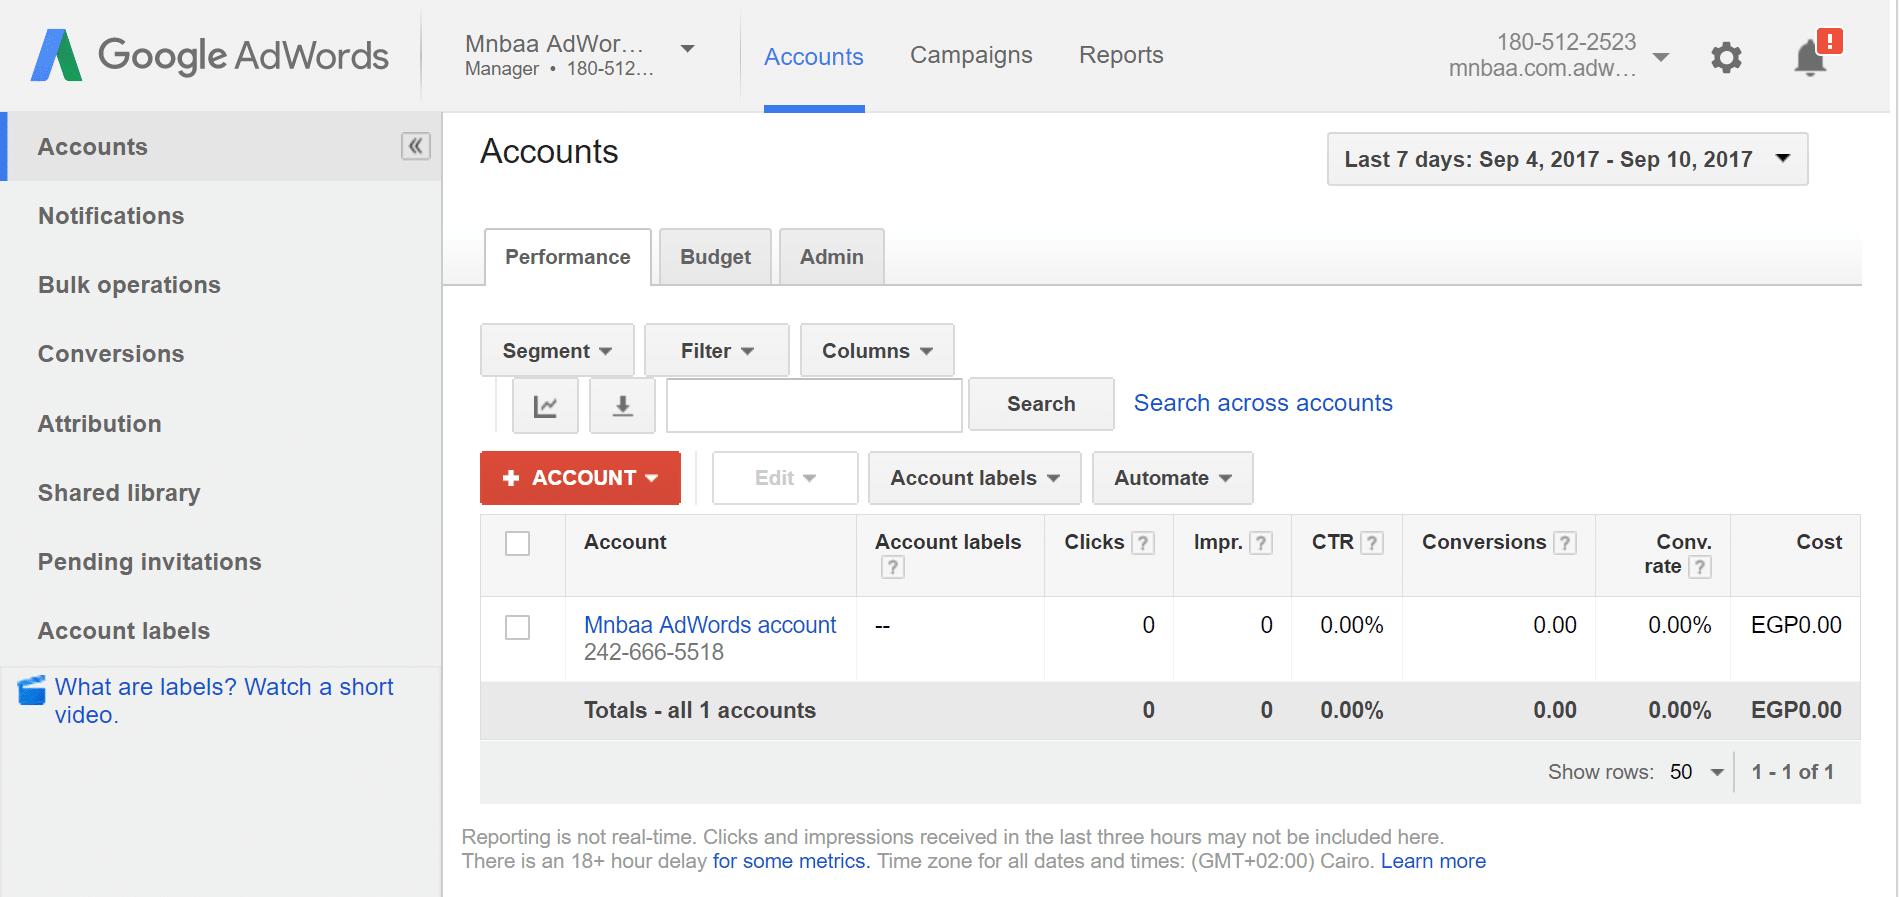 ادارة صلاحيات حساب جوجل ادورد Google AdWords